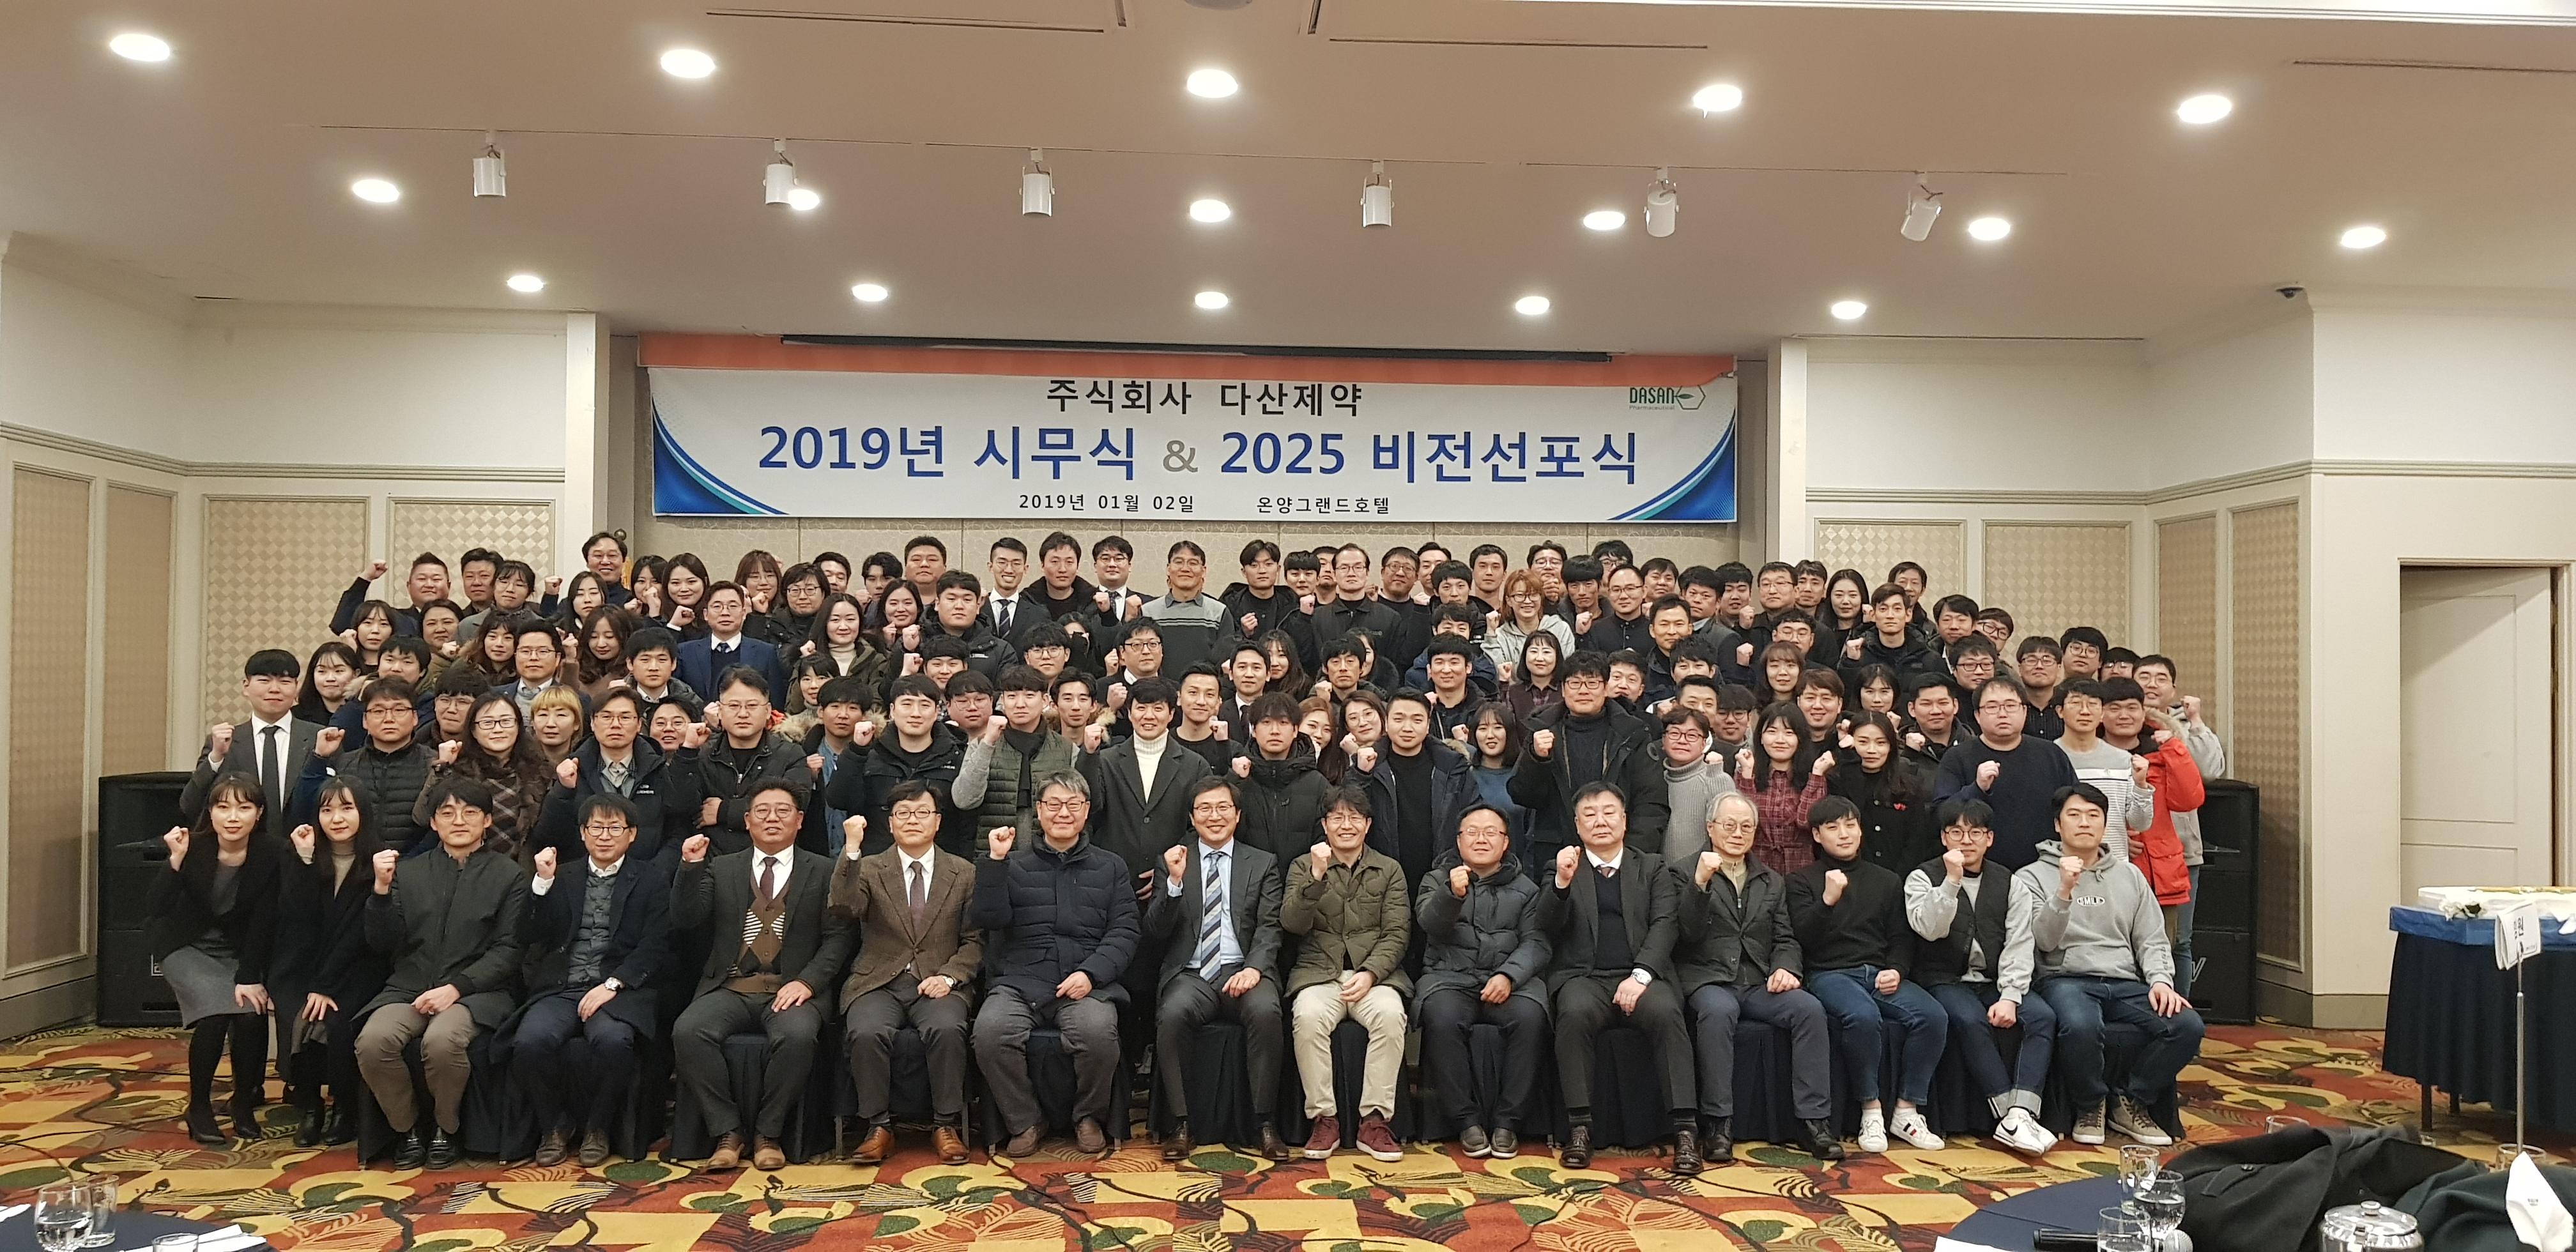 2019년 시무식 단체.jpg